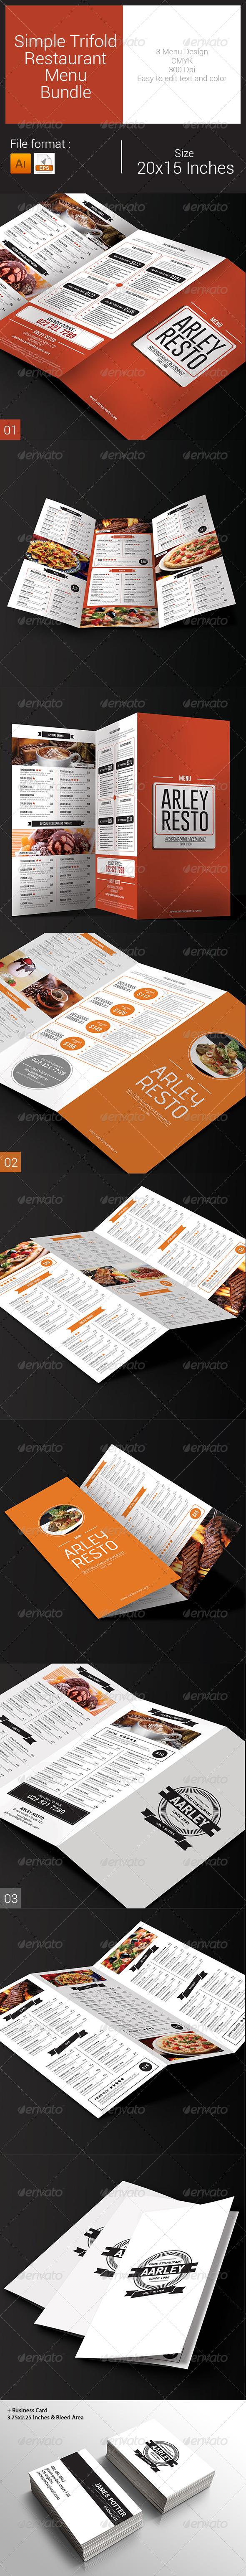 GraphicRiver Simple Trifold Restaurant Menu Bundle 8036692